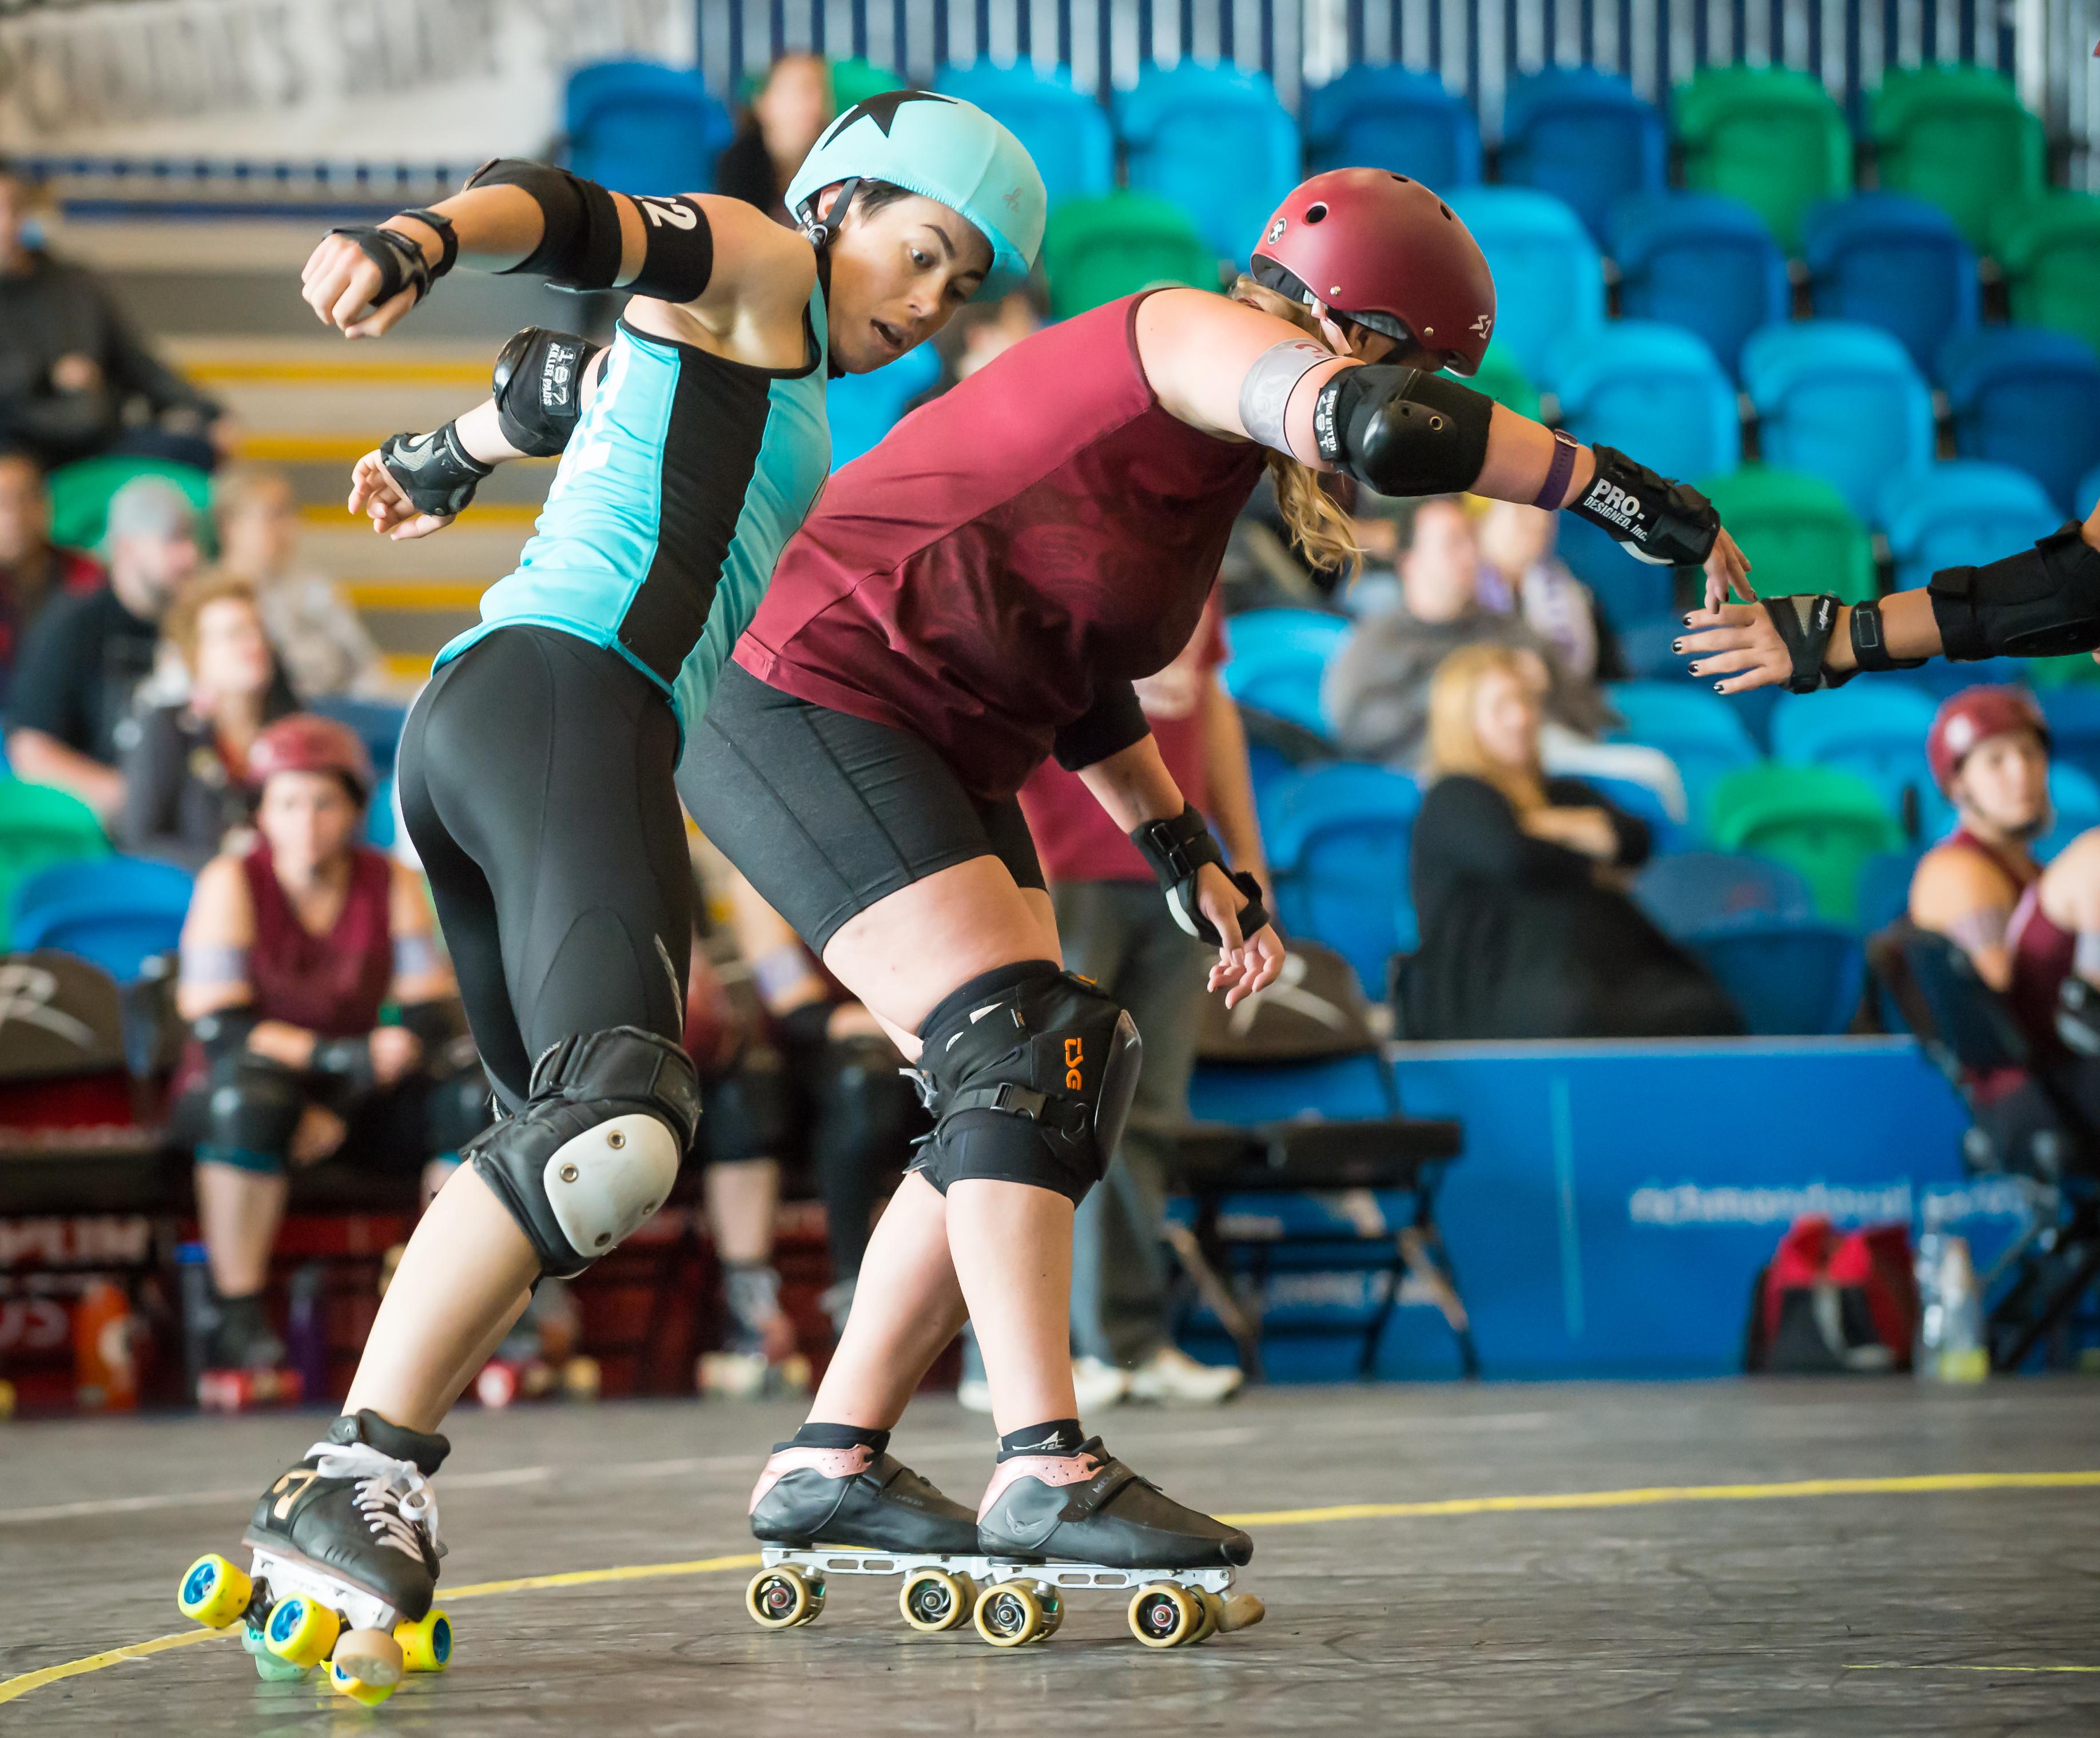 Roller skating montreal - Photo By Rene T Van Ee